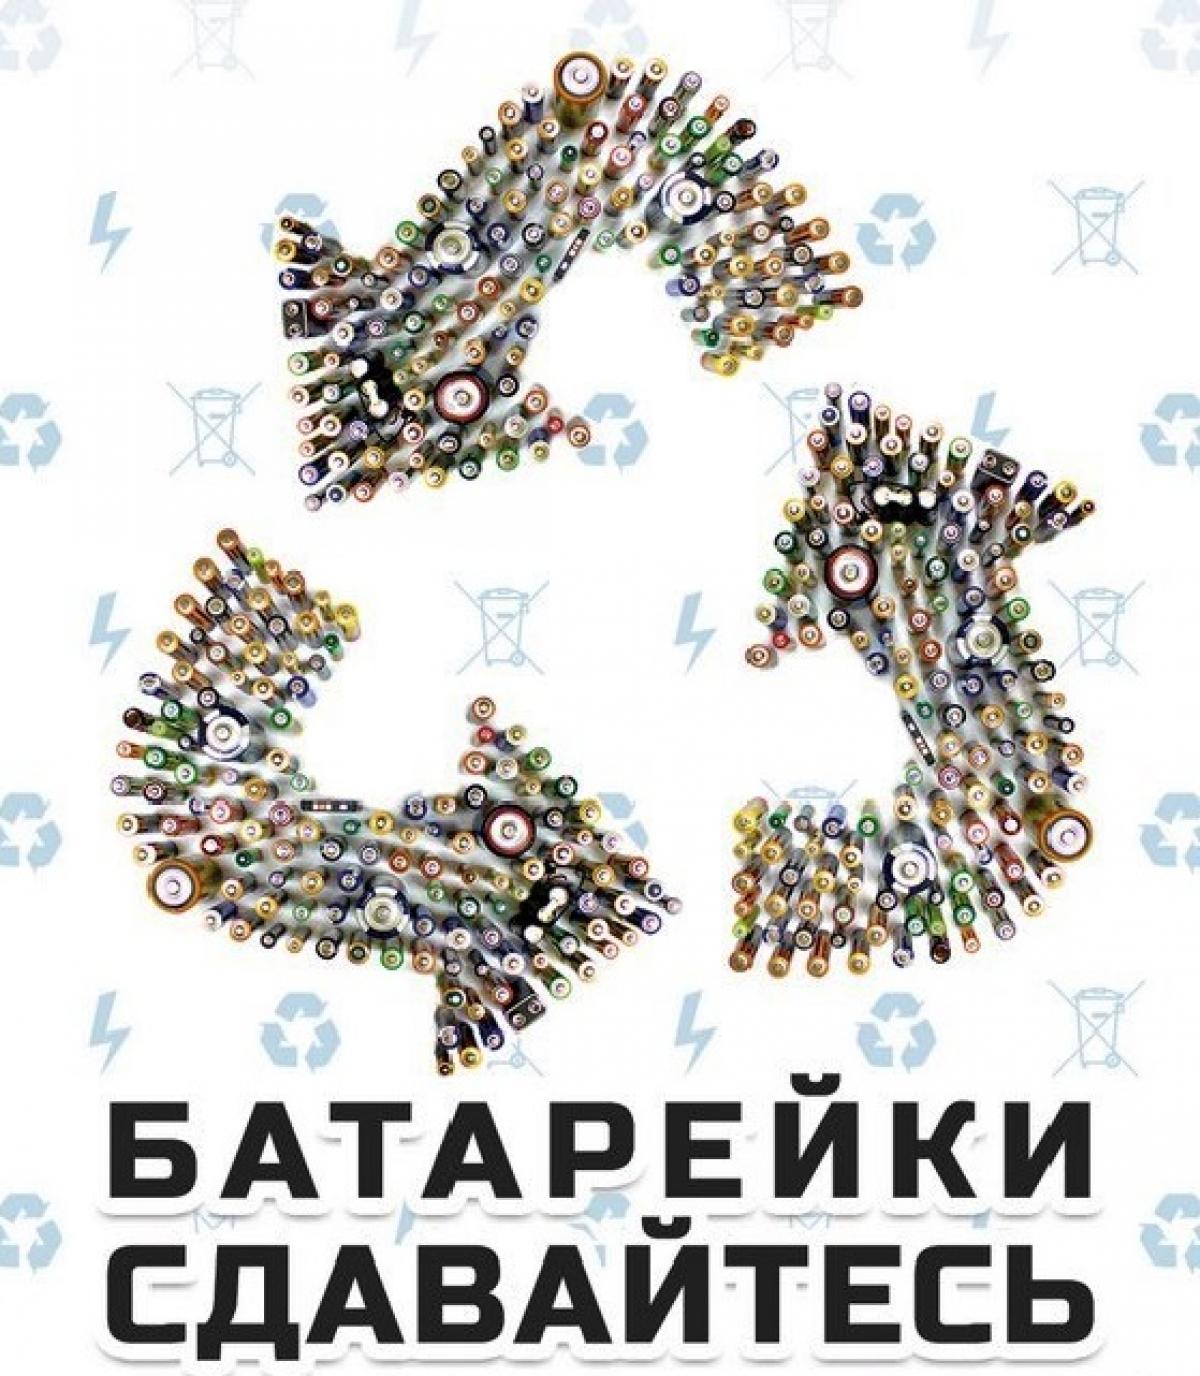 Батарейкина история в Ленинградской области